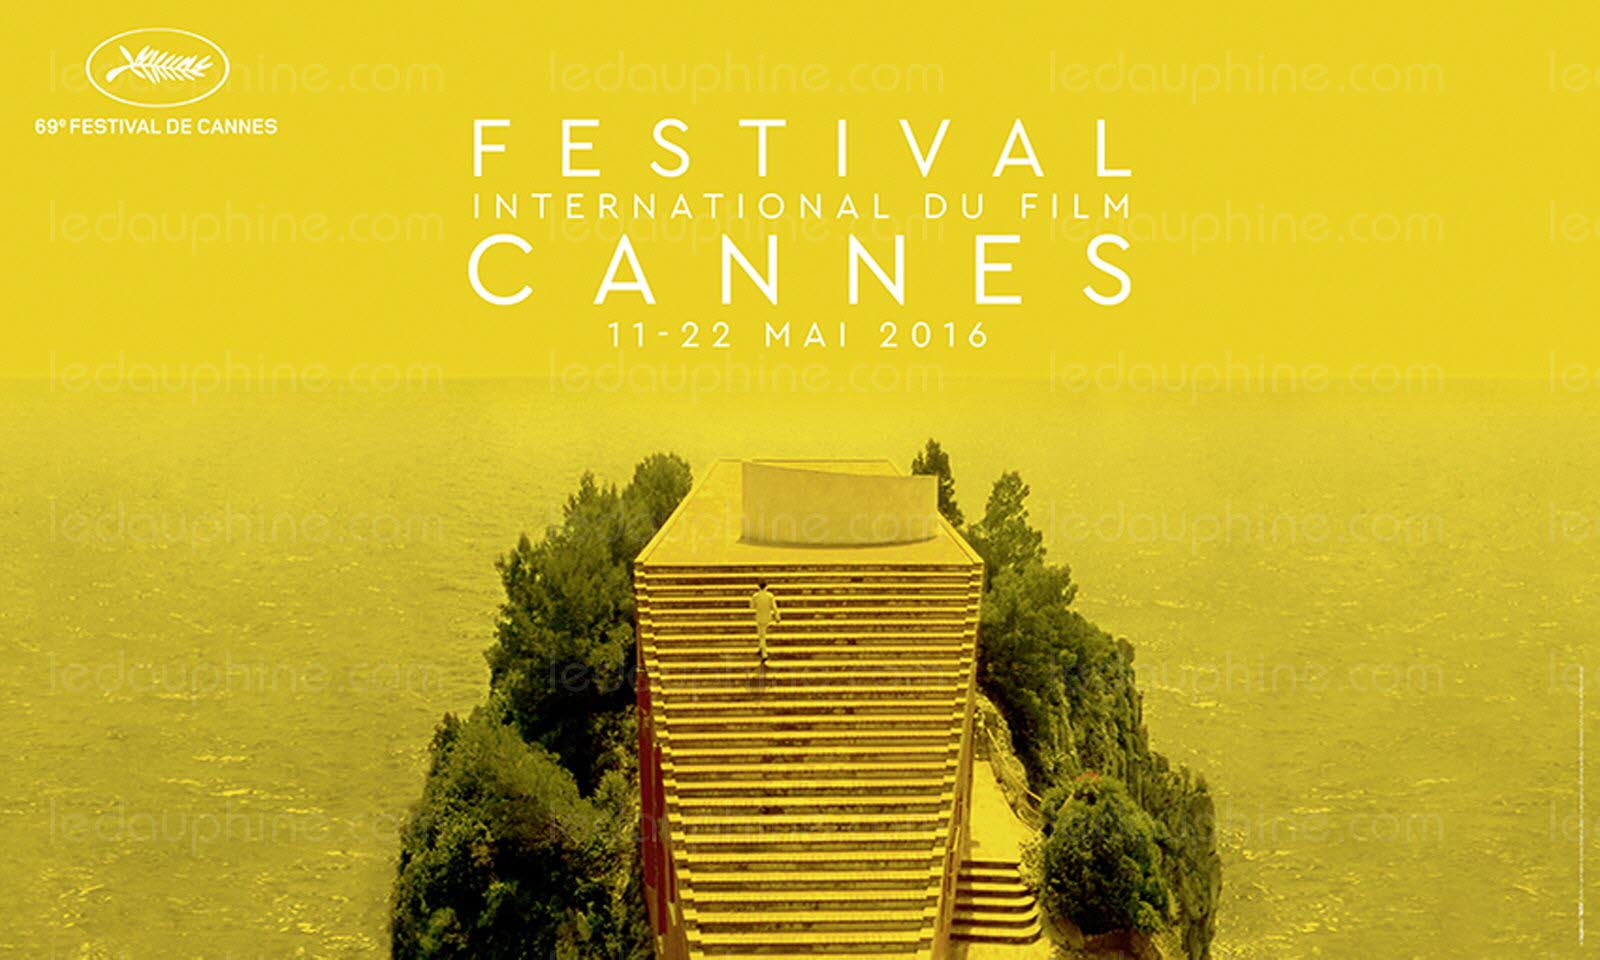 Festival de Cannes 2016 : 5 jolies femmes dans 5 jolies robes